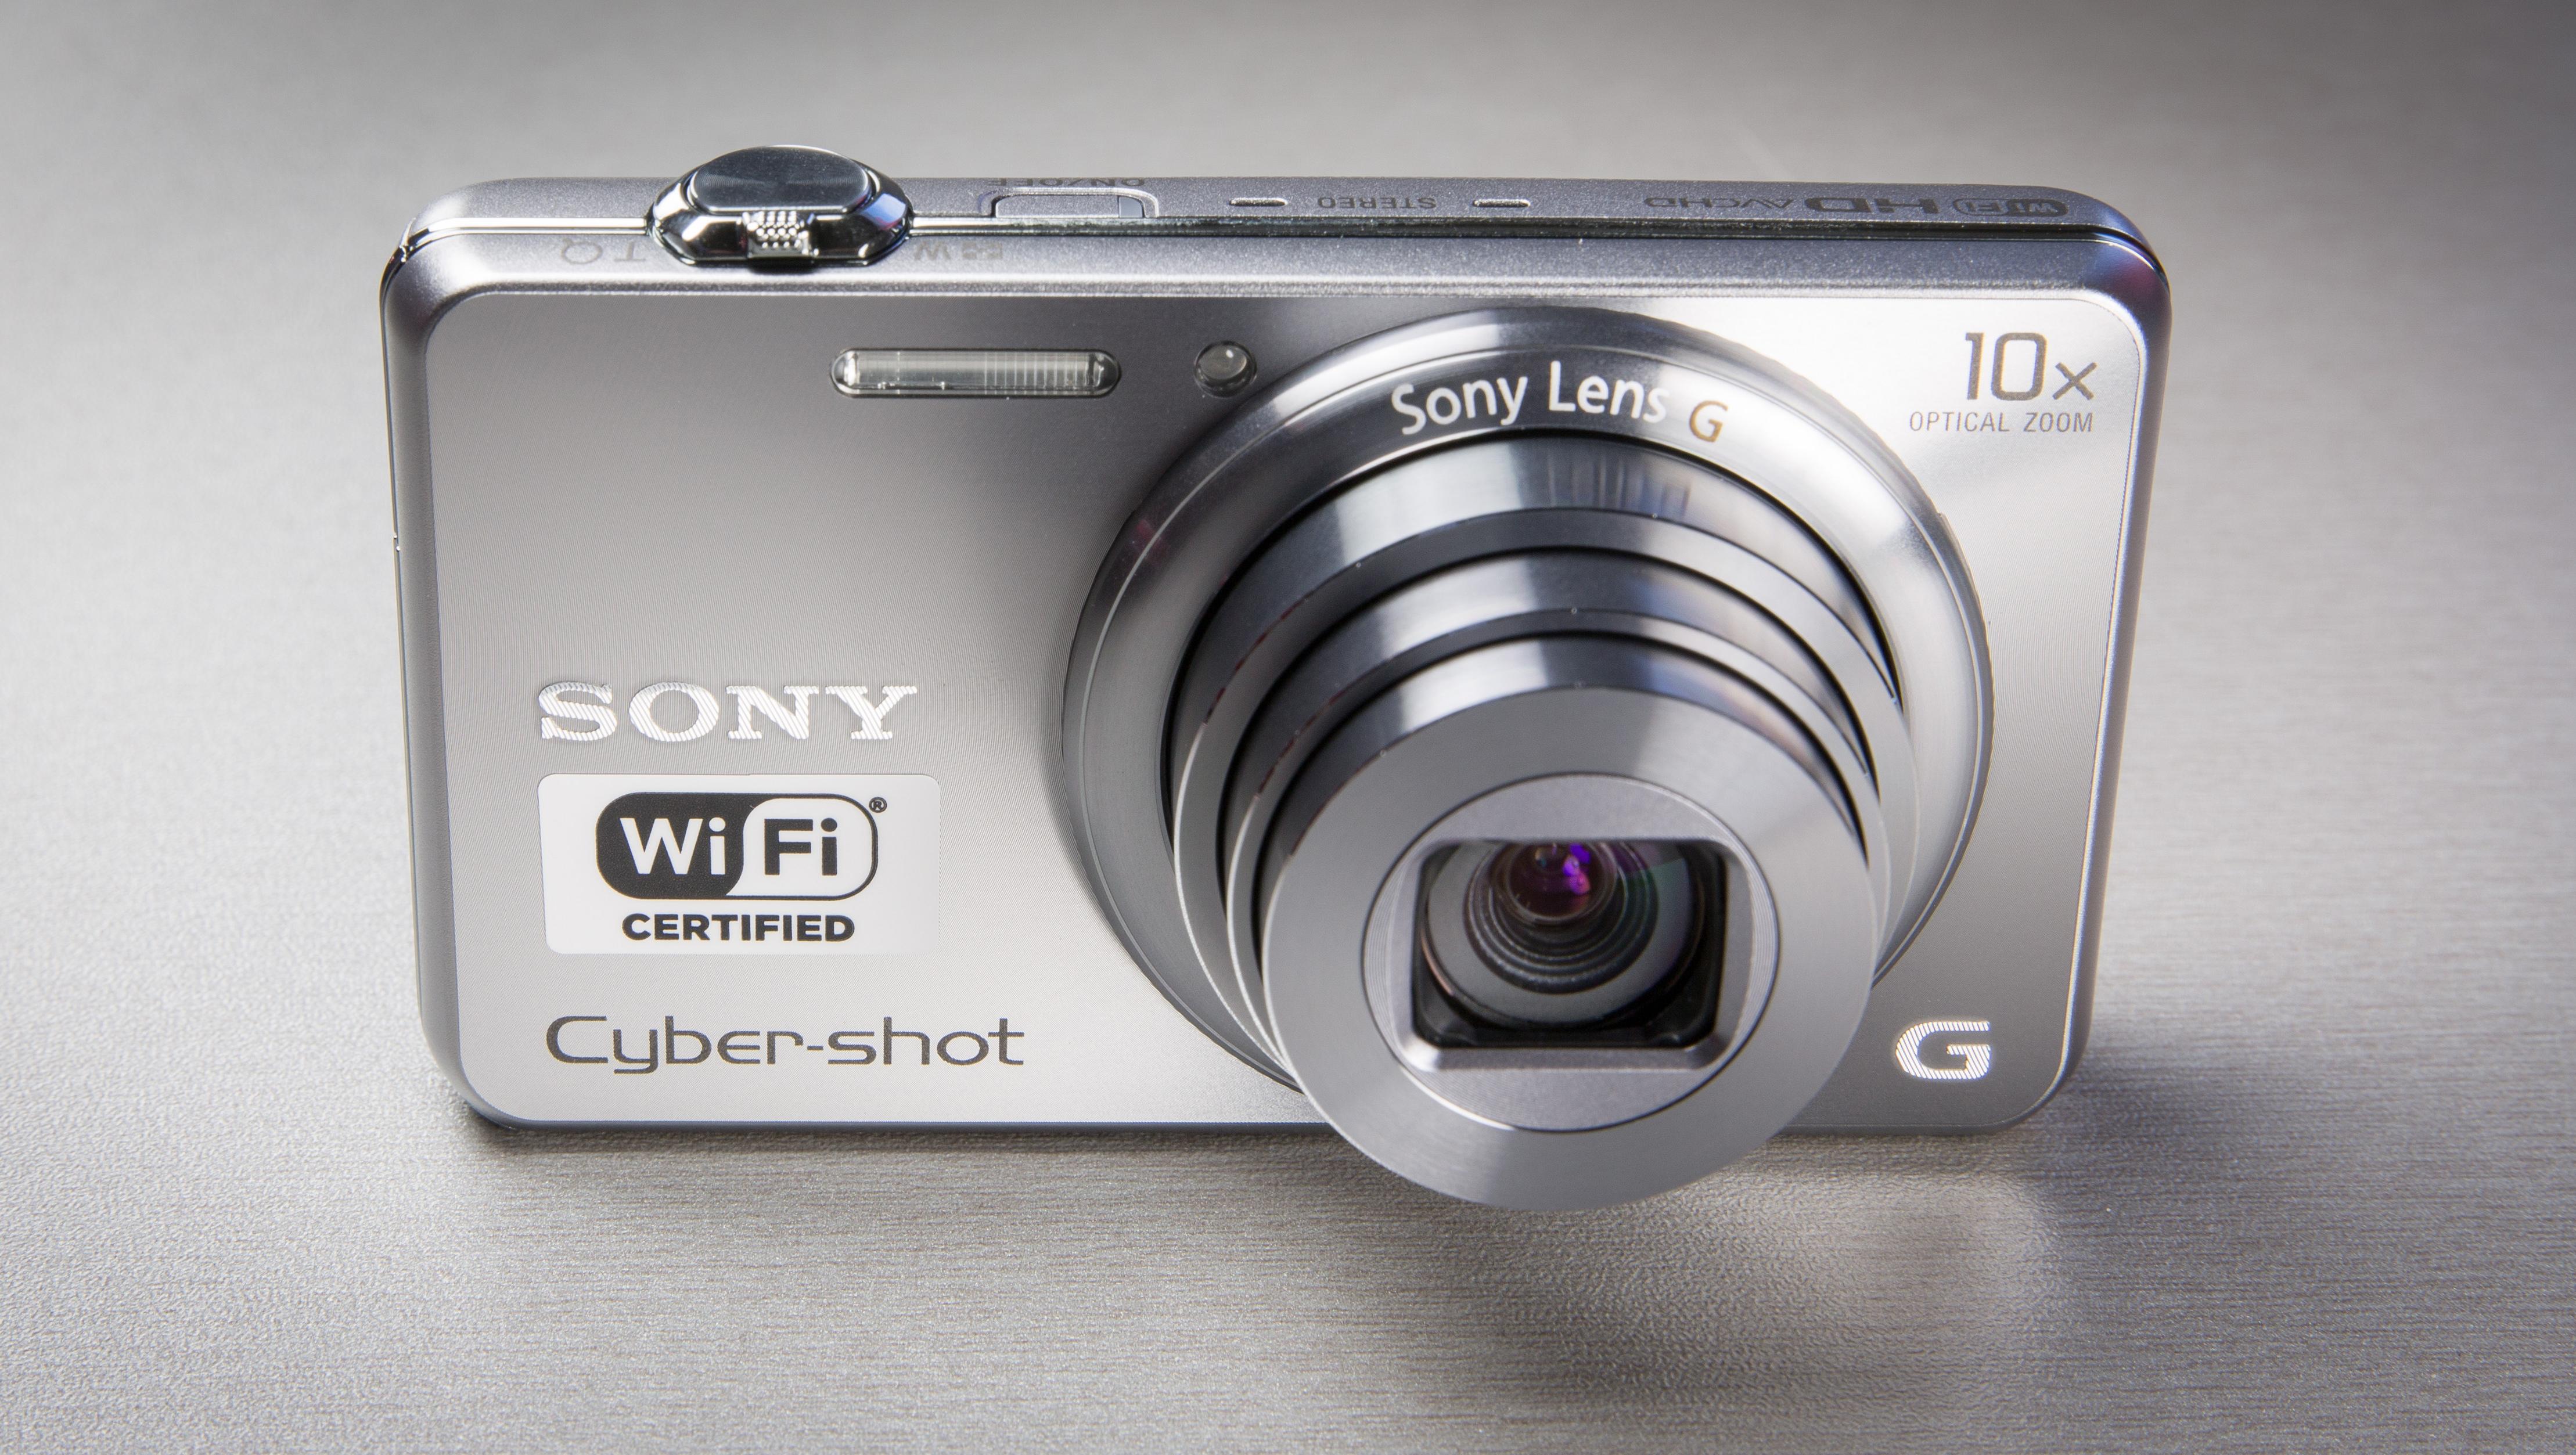 81216117c03 Mul ei ole kunagi olnud nii pisikest kaamerat, mis teeks nii häid pilte.  Võrreldes teiste omasugustega polegi ta mõõtmetelt palju väiksem, ...